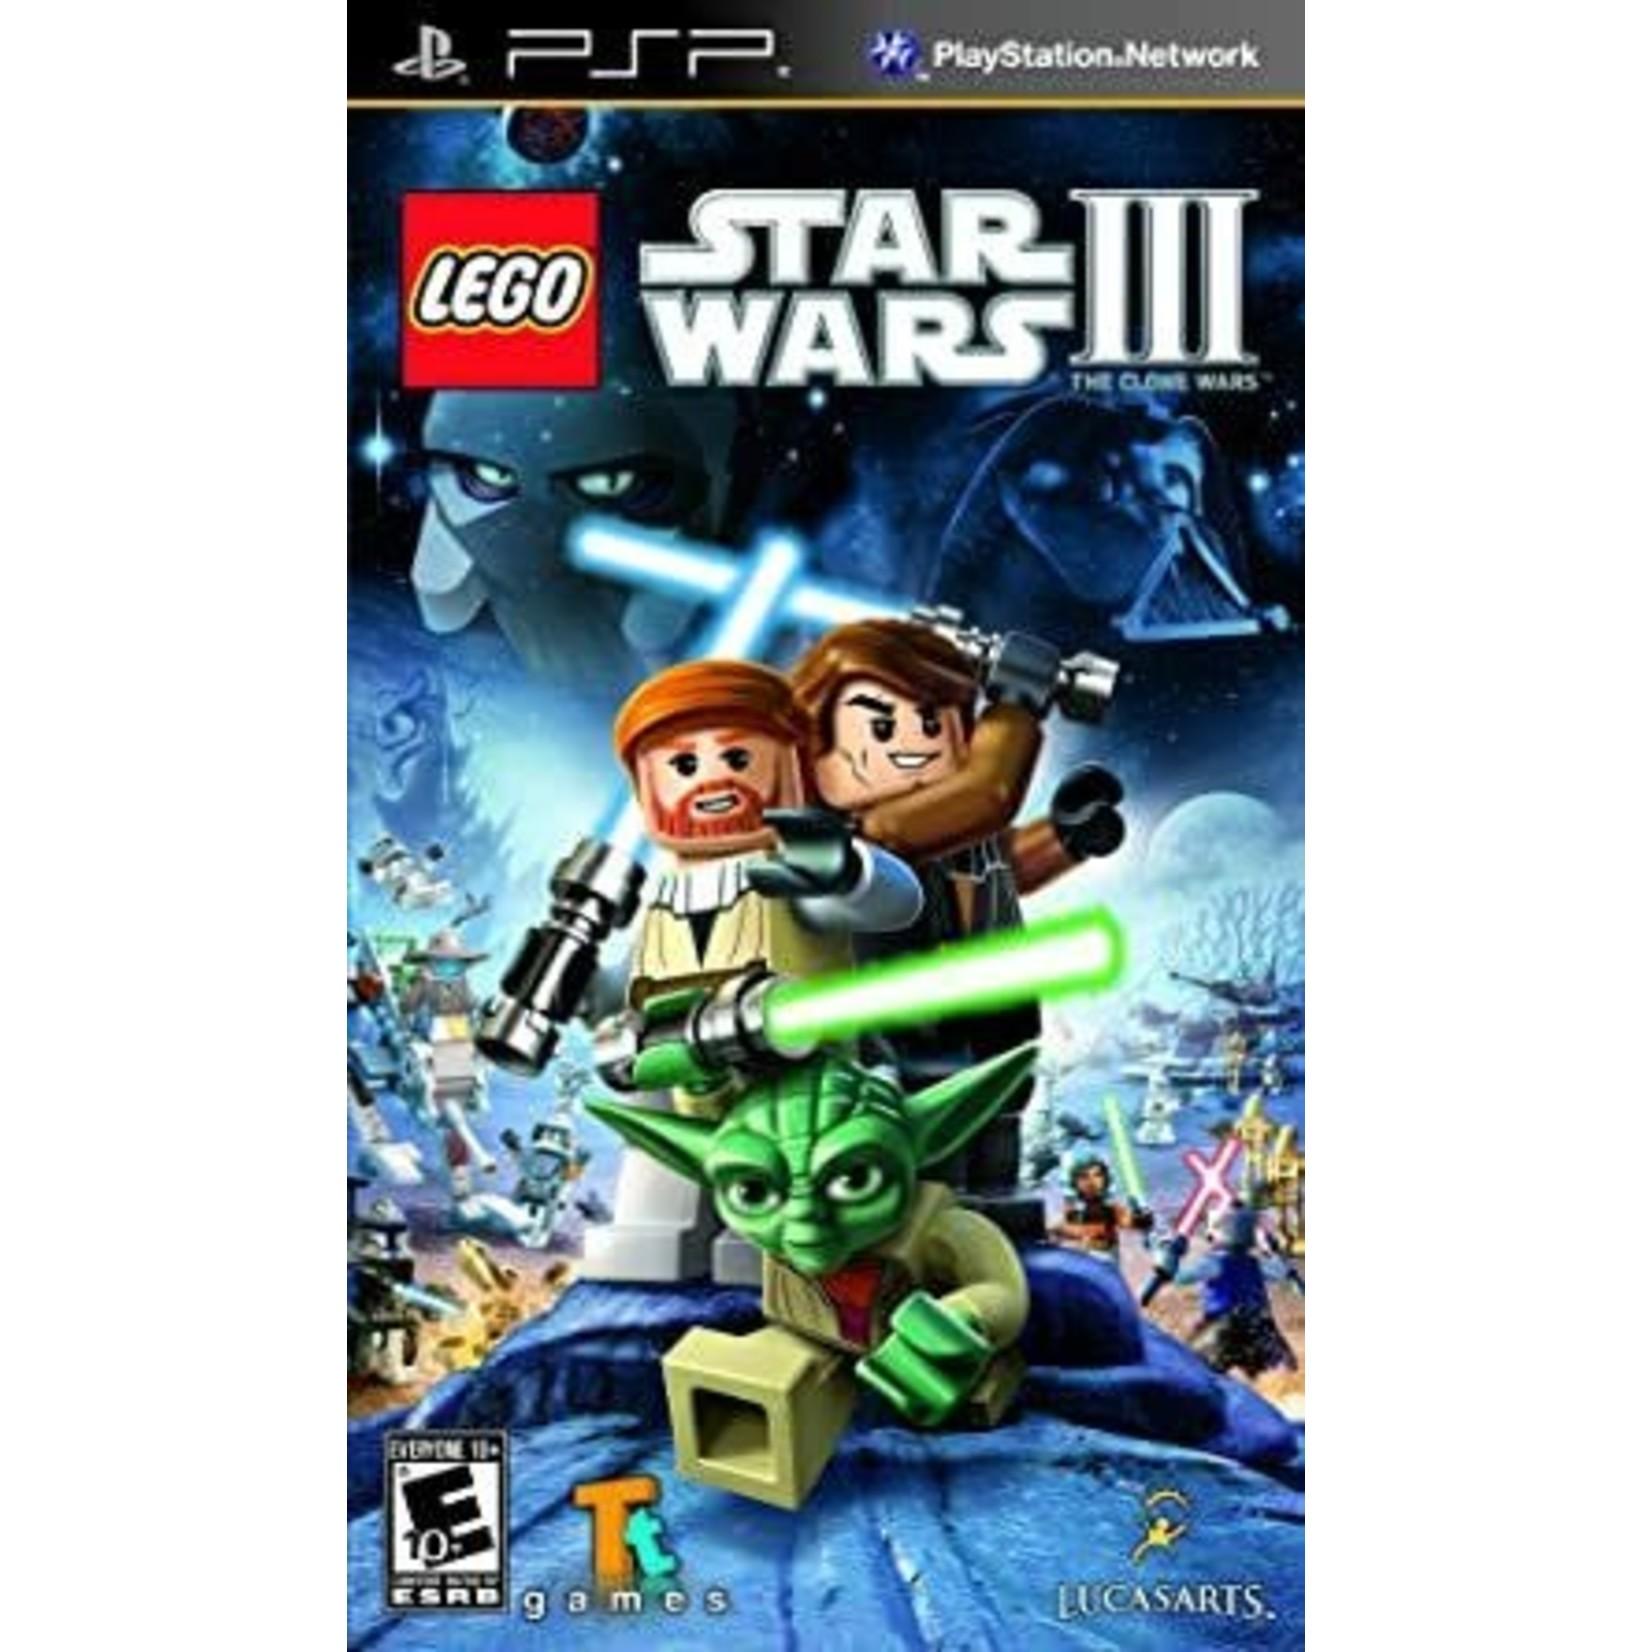 pspu-Lego Star wars III